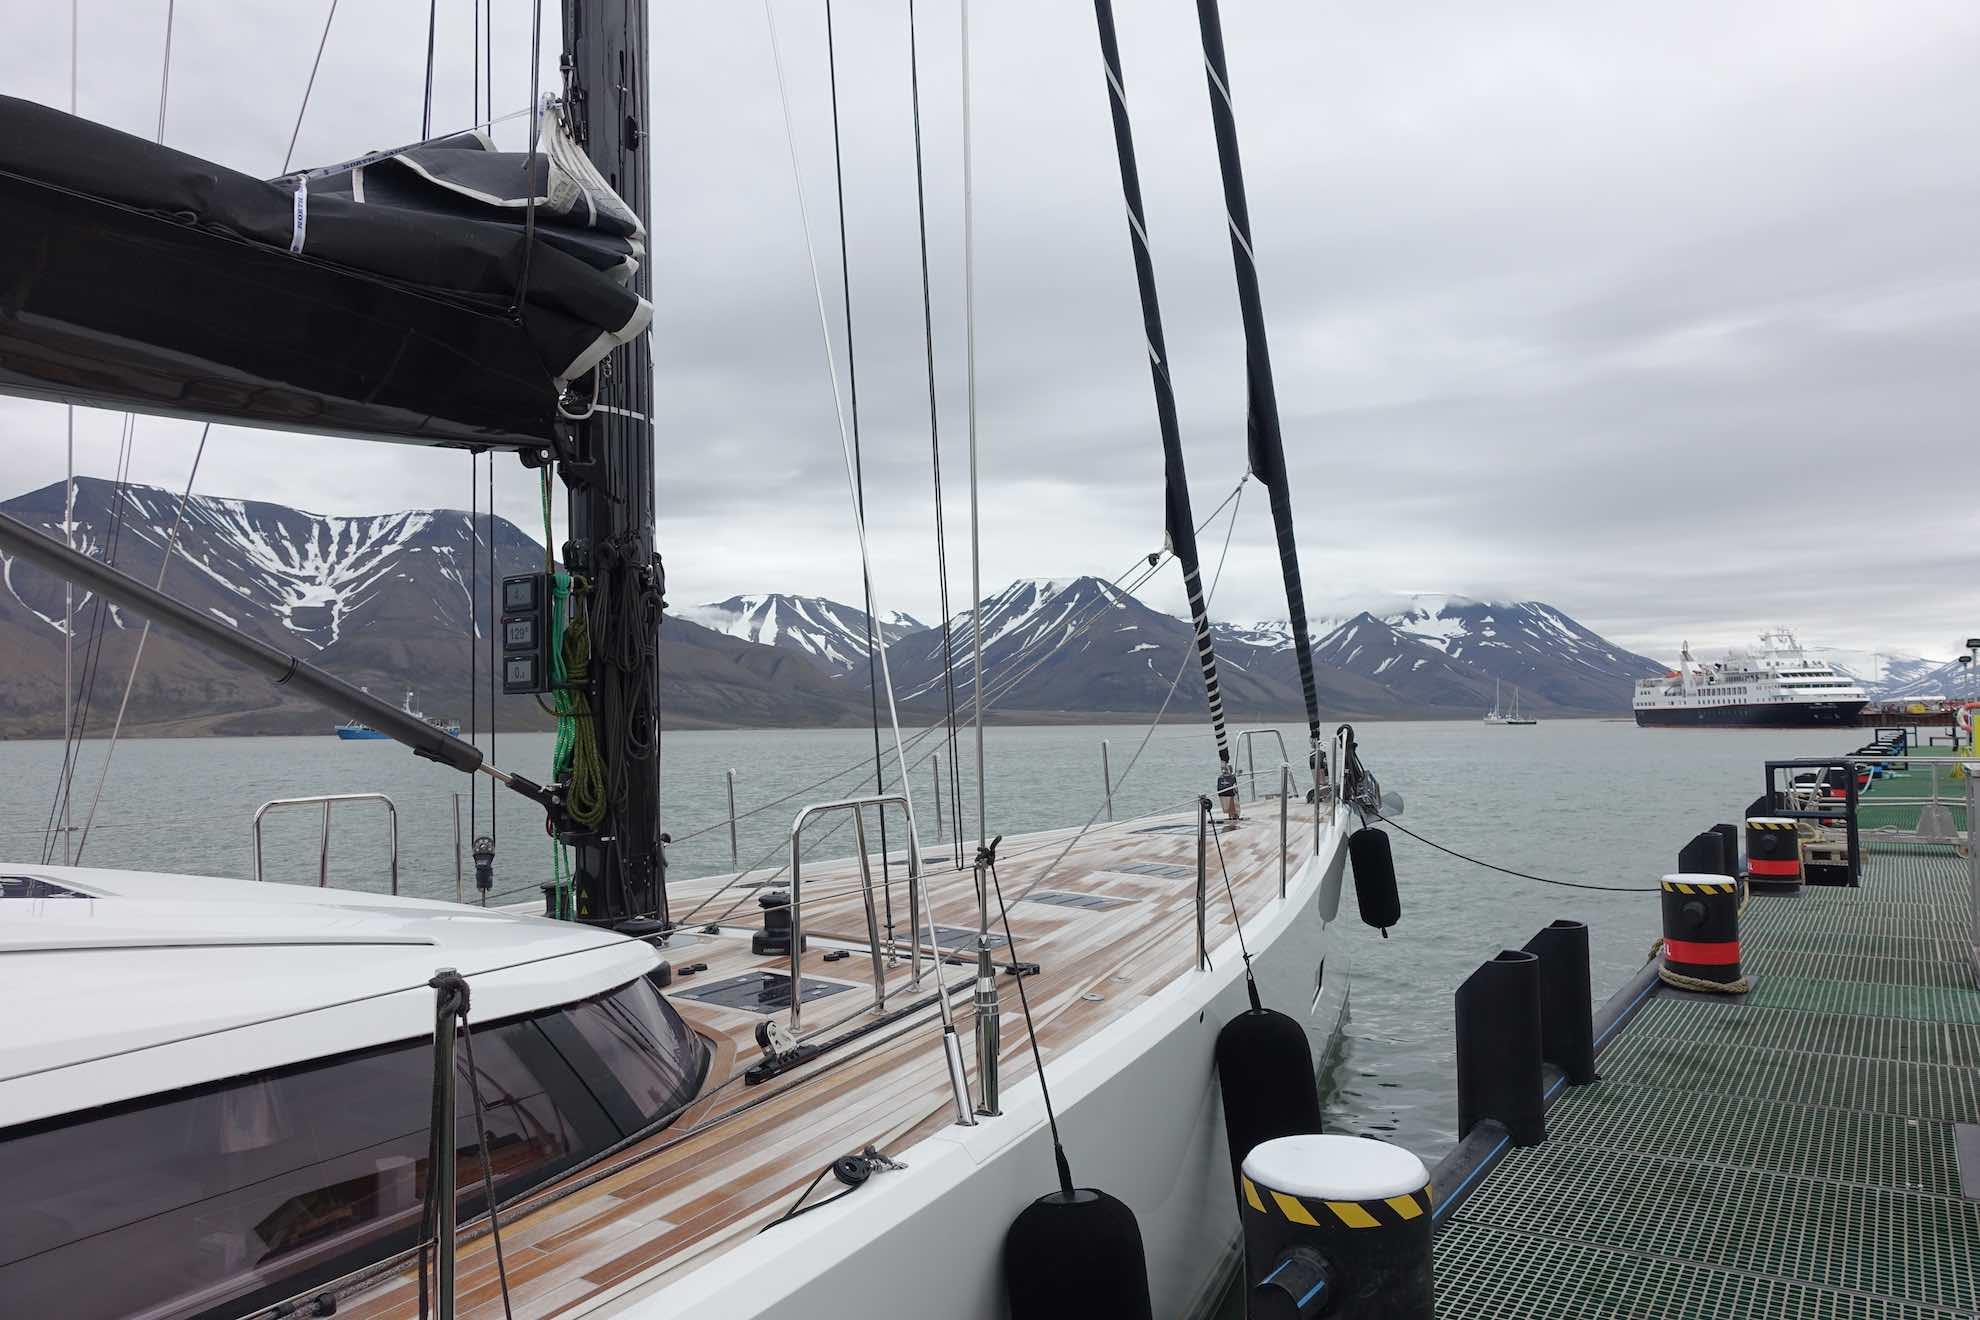 Longyearbyen Ist das Verwaltungszentrum von Svalbard, wie Spitzbergen auf Norwegisch heißt.